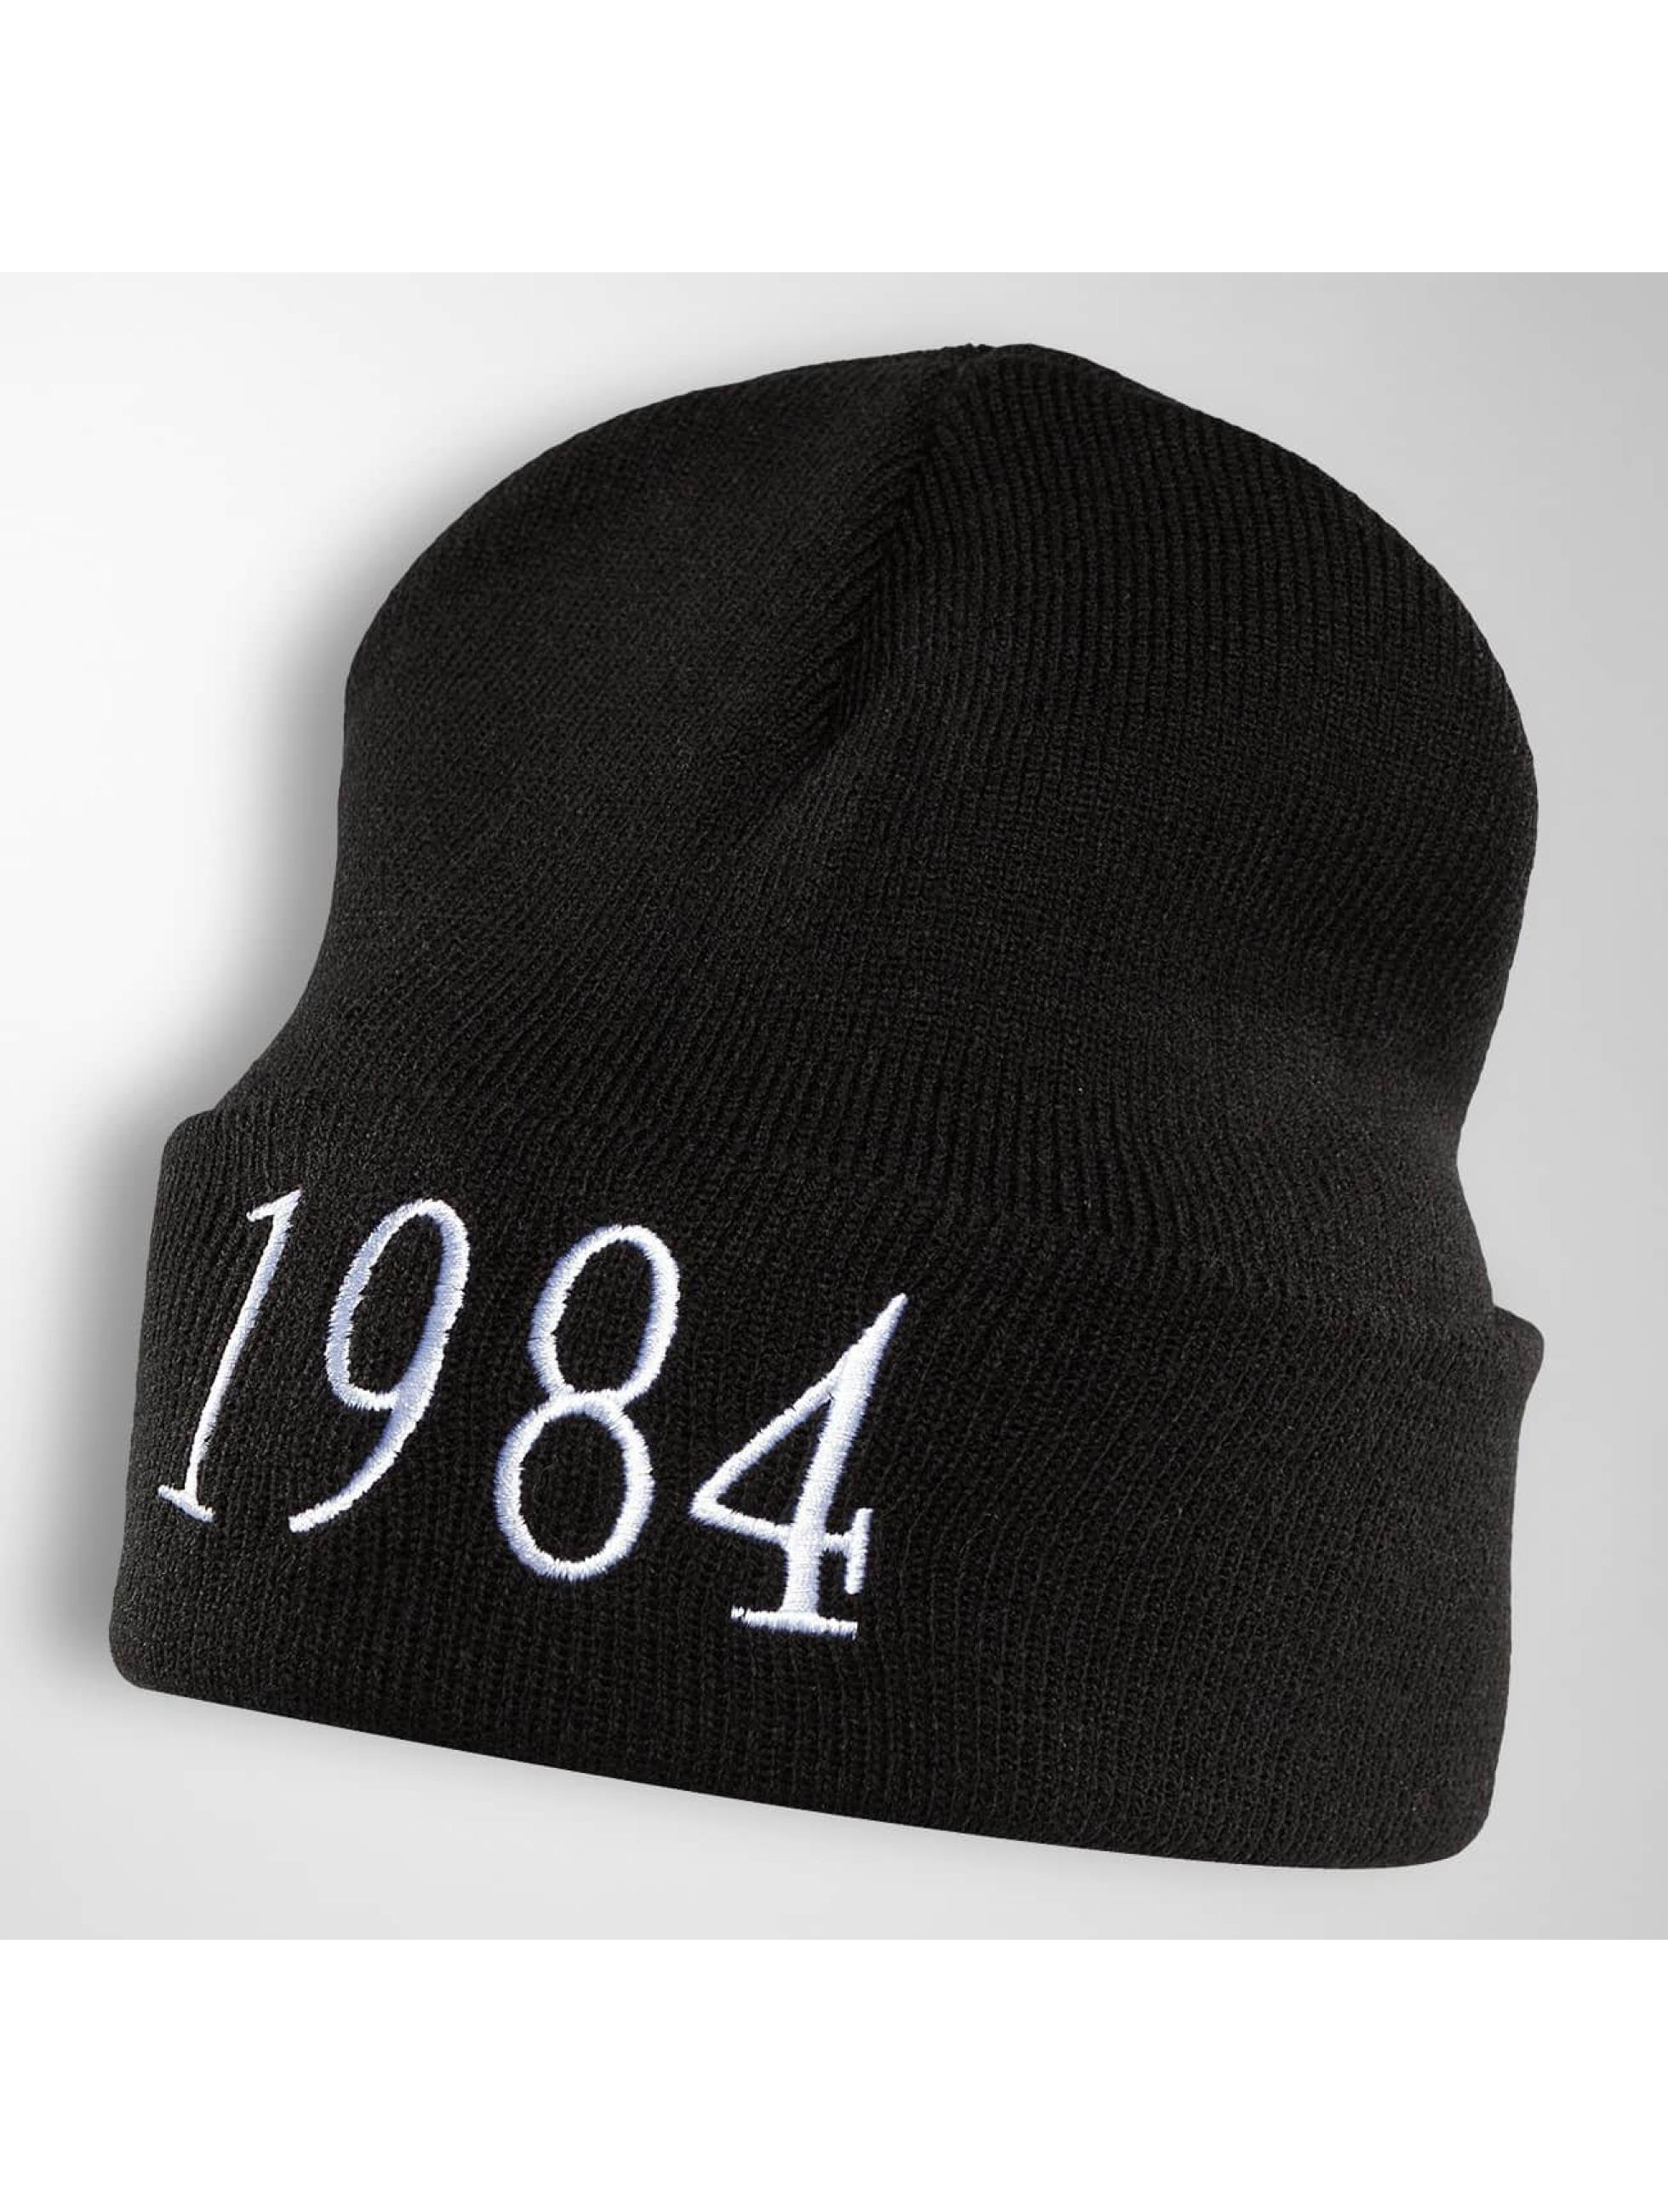 TrueSpin Beanie 1984 schwarz